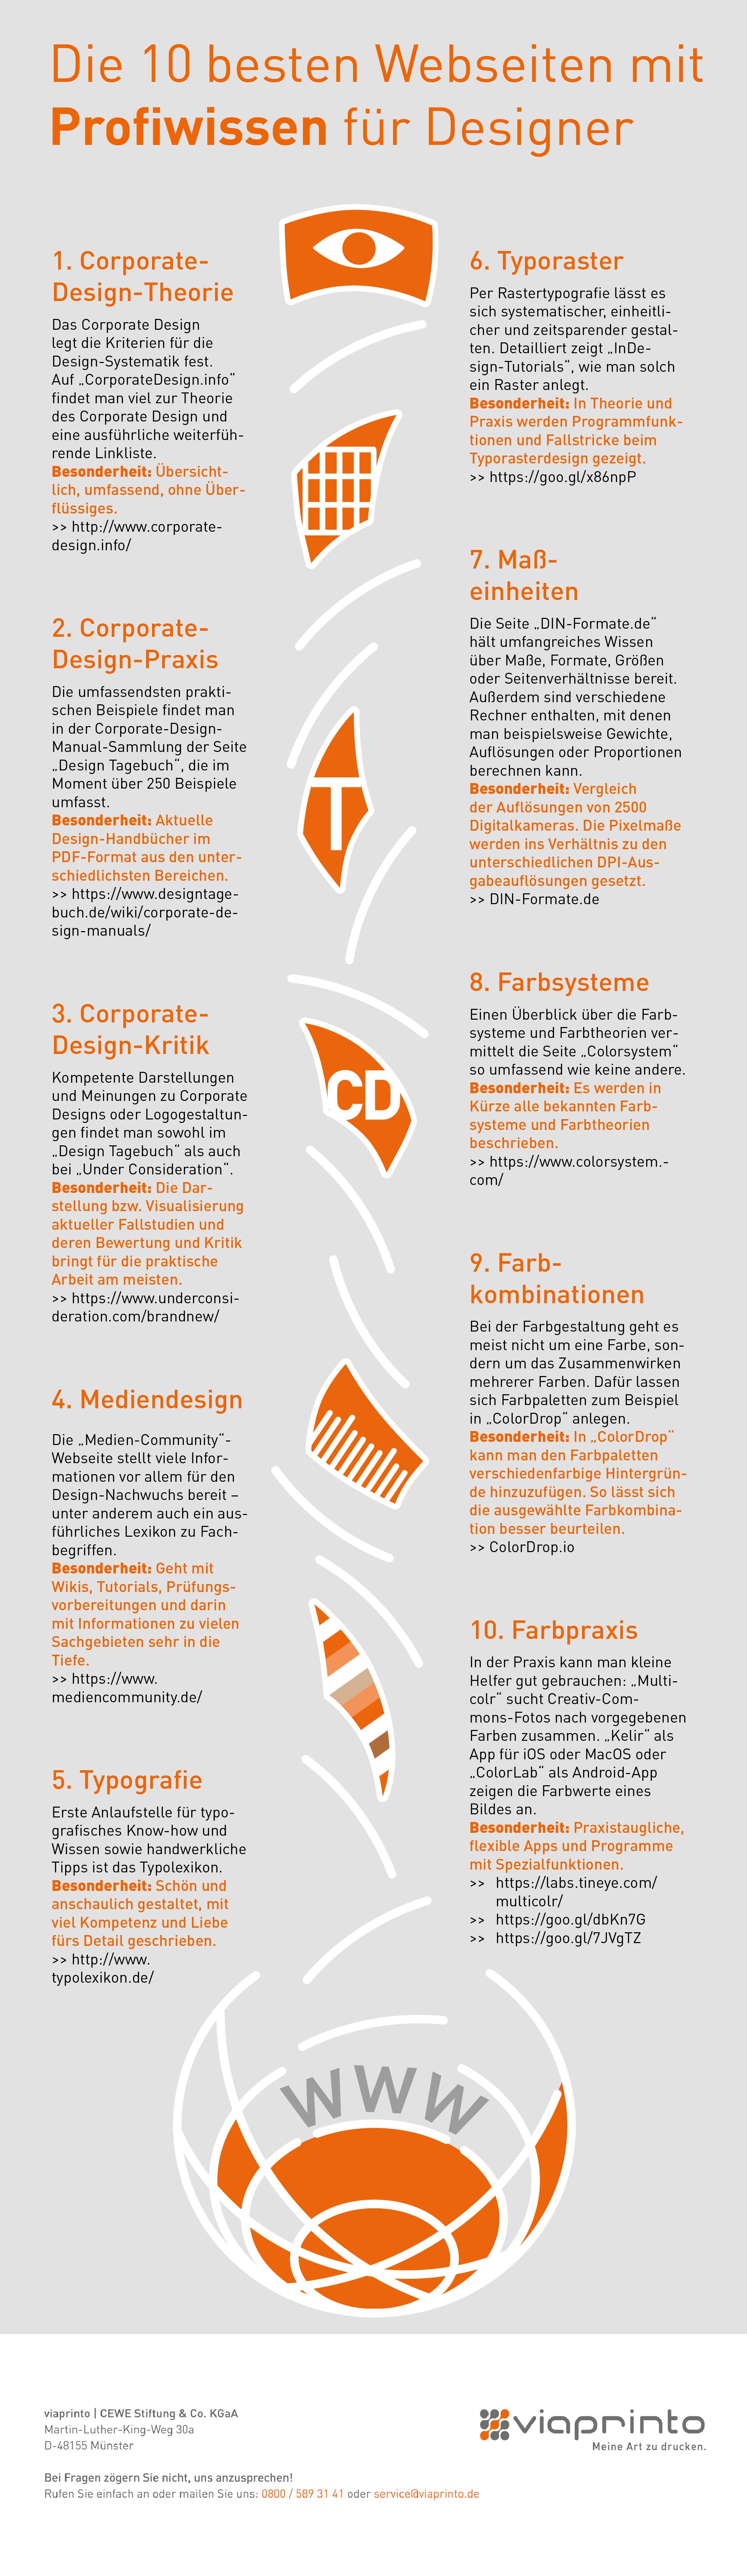 Know-how aus dem Web: Kostenloses Profi-Wissen für Mediendesigner ...